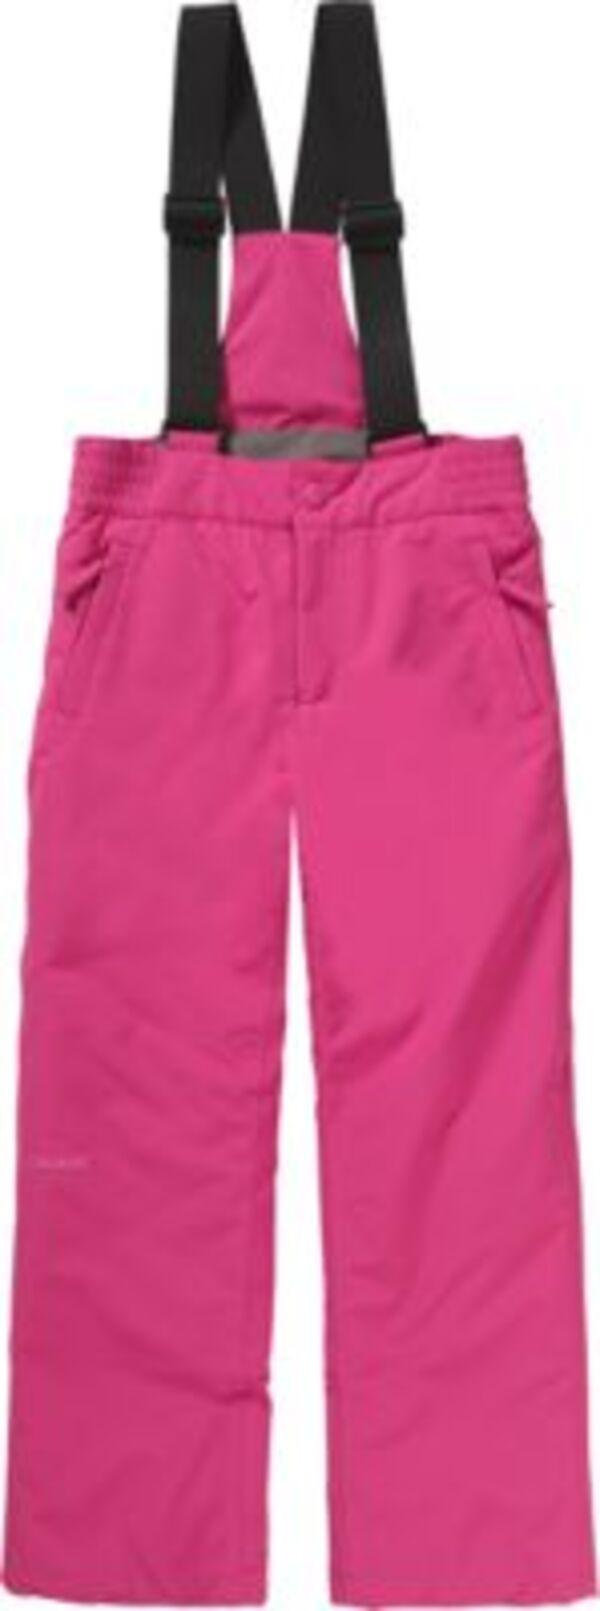 Skihose ALENKO  pink Gr. 164 Mädchen Kinder